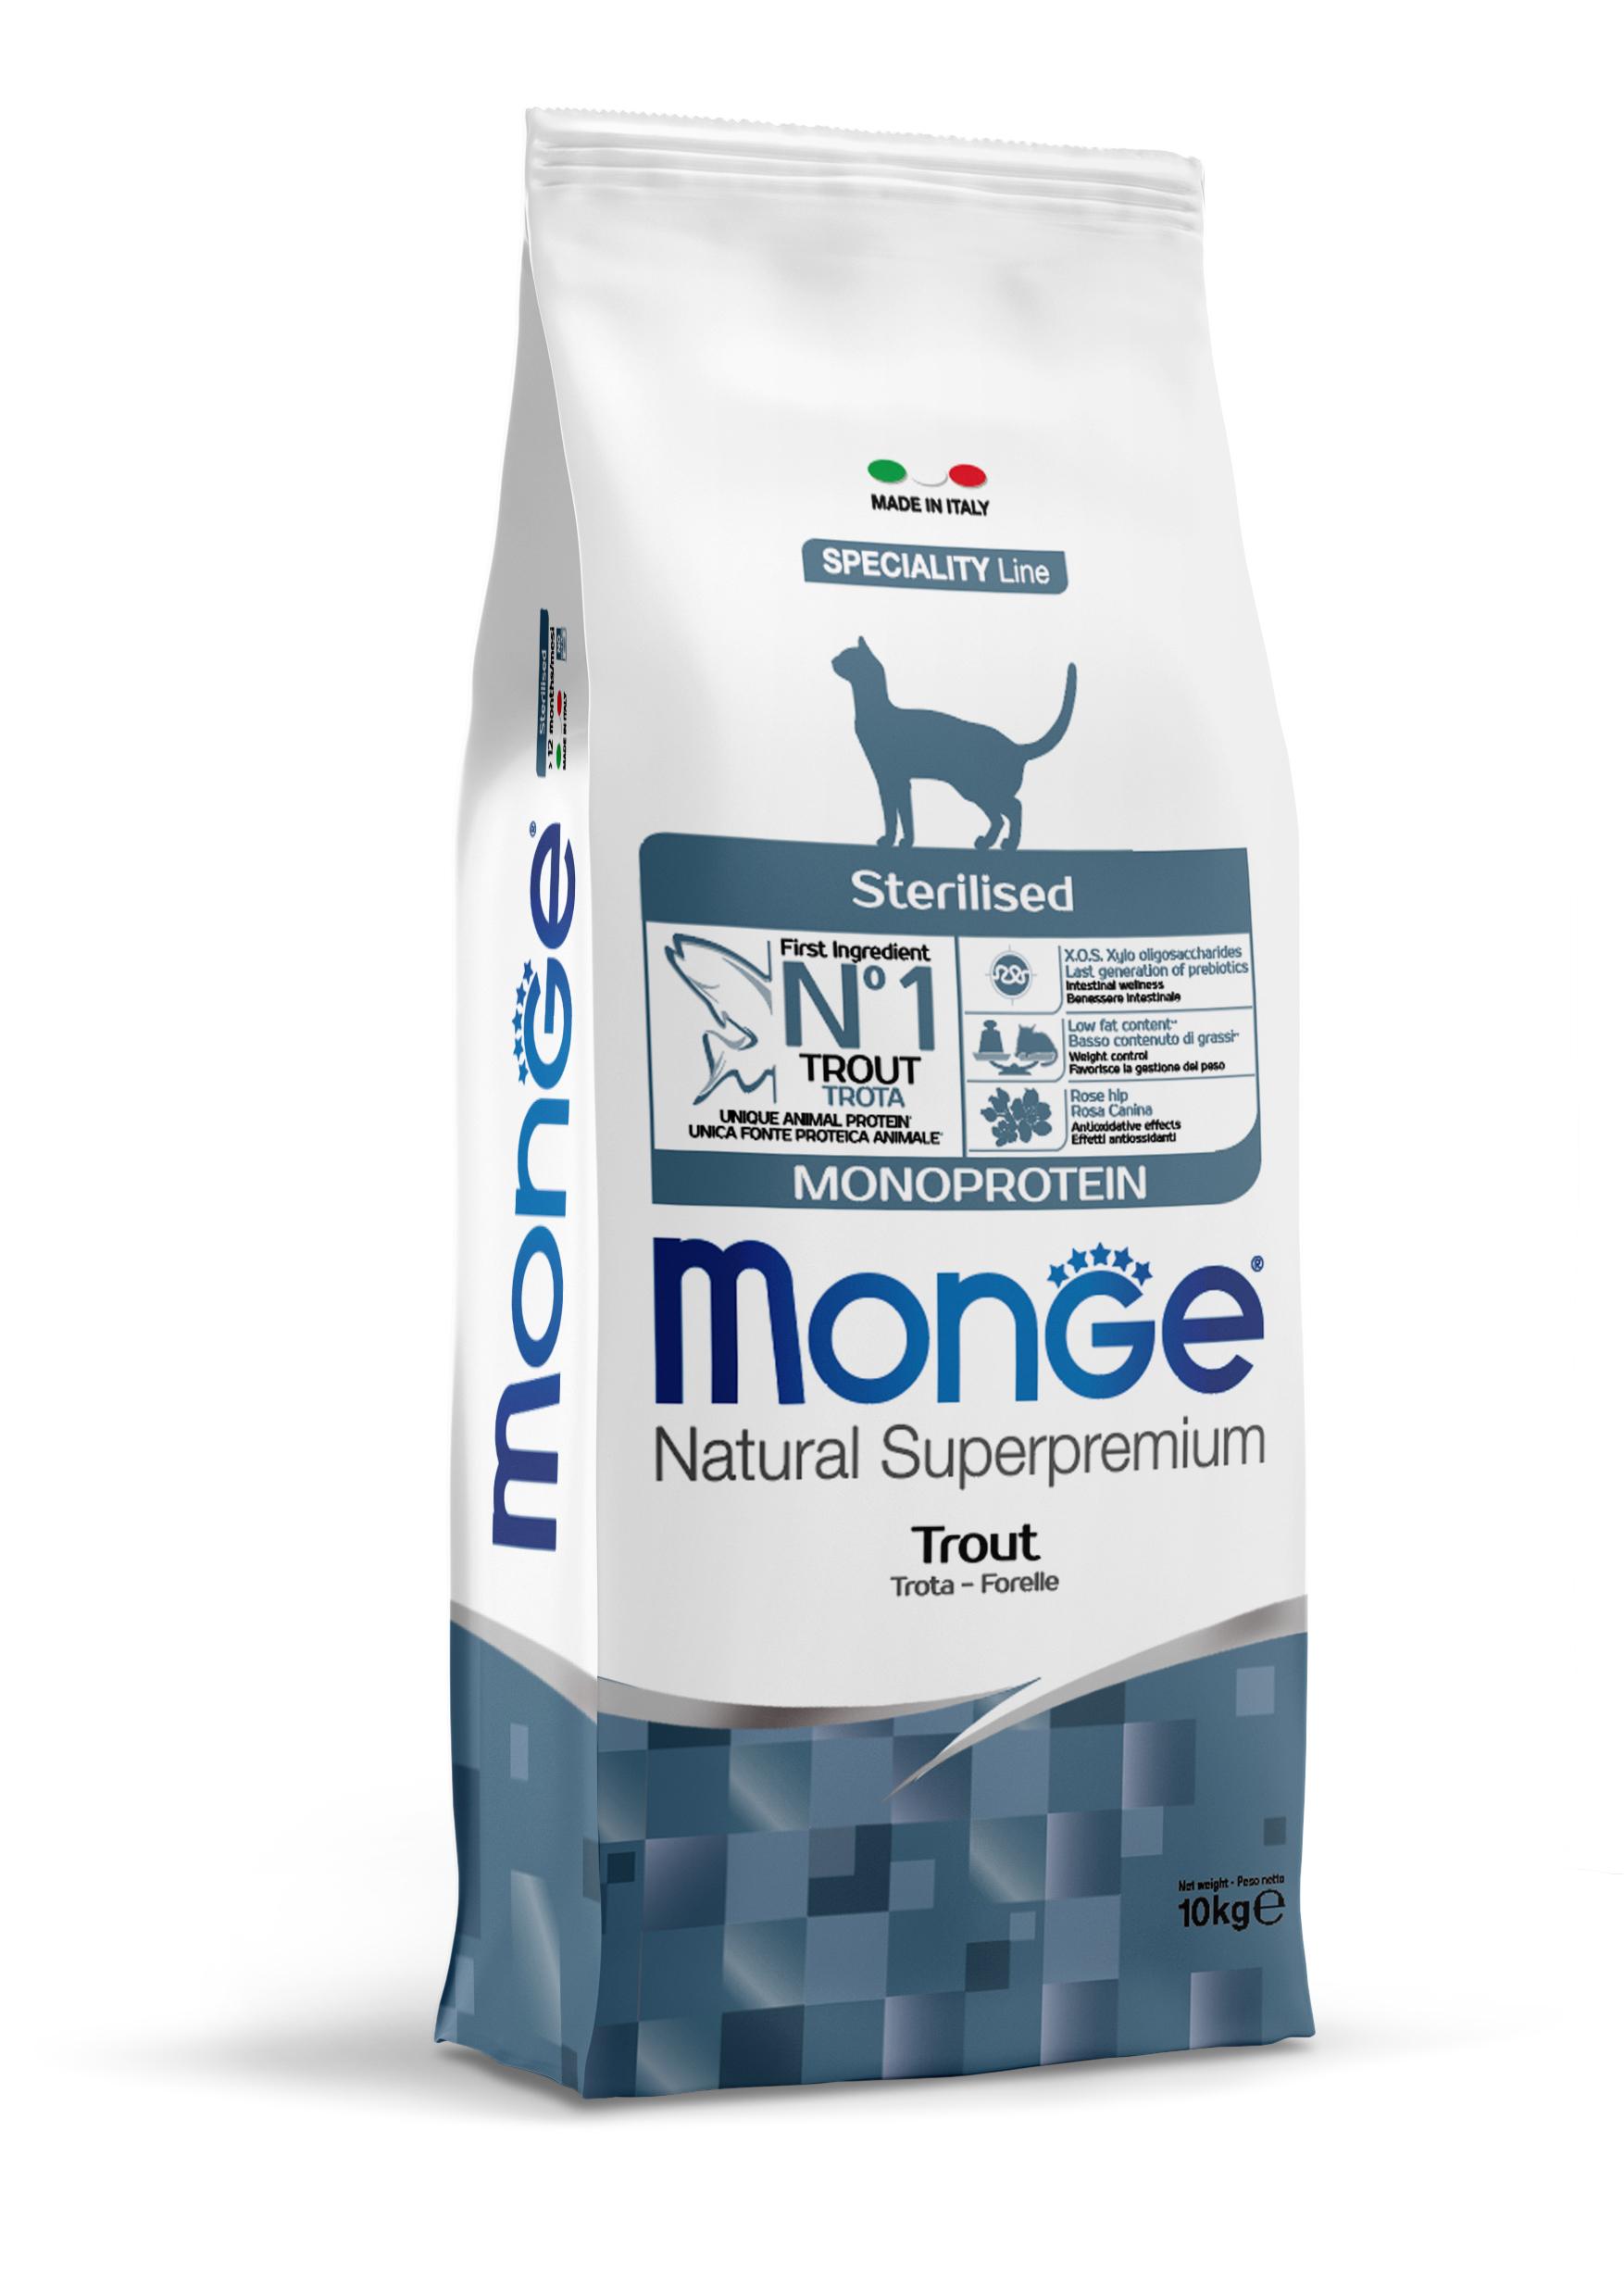 Сухой корм для кошек Monge Monoprotein Sterilised, для стерилизованных, форель, 10кг фото